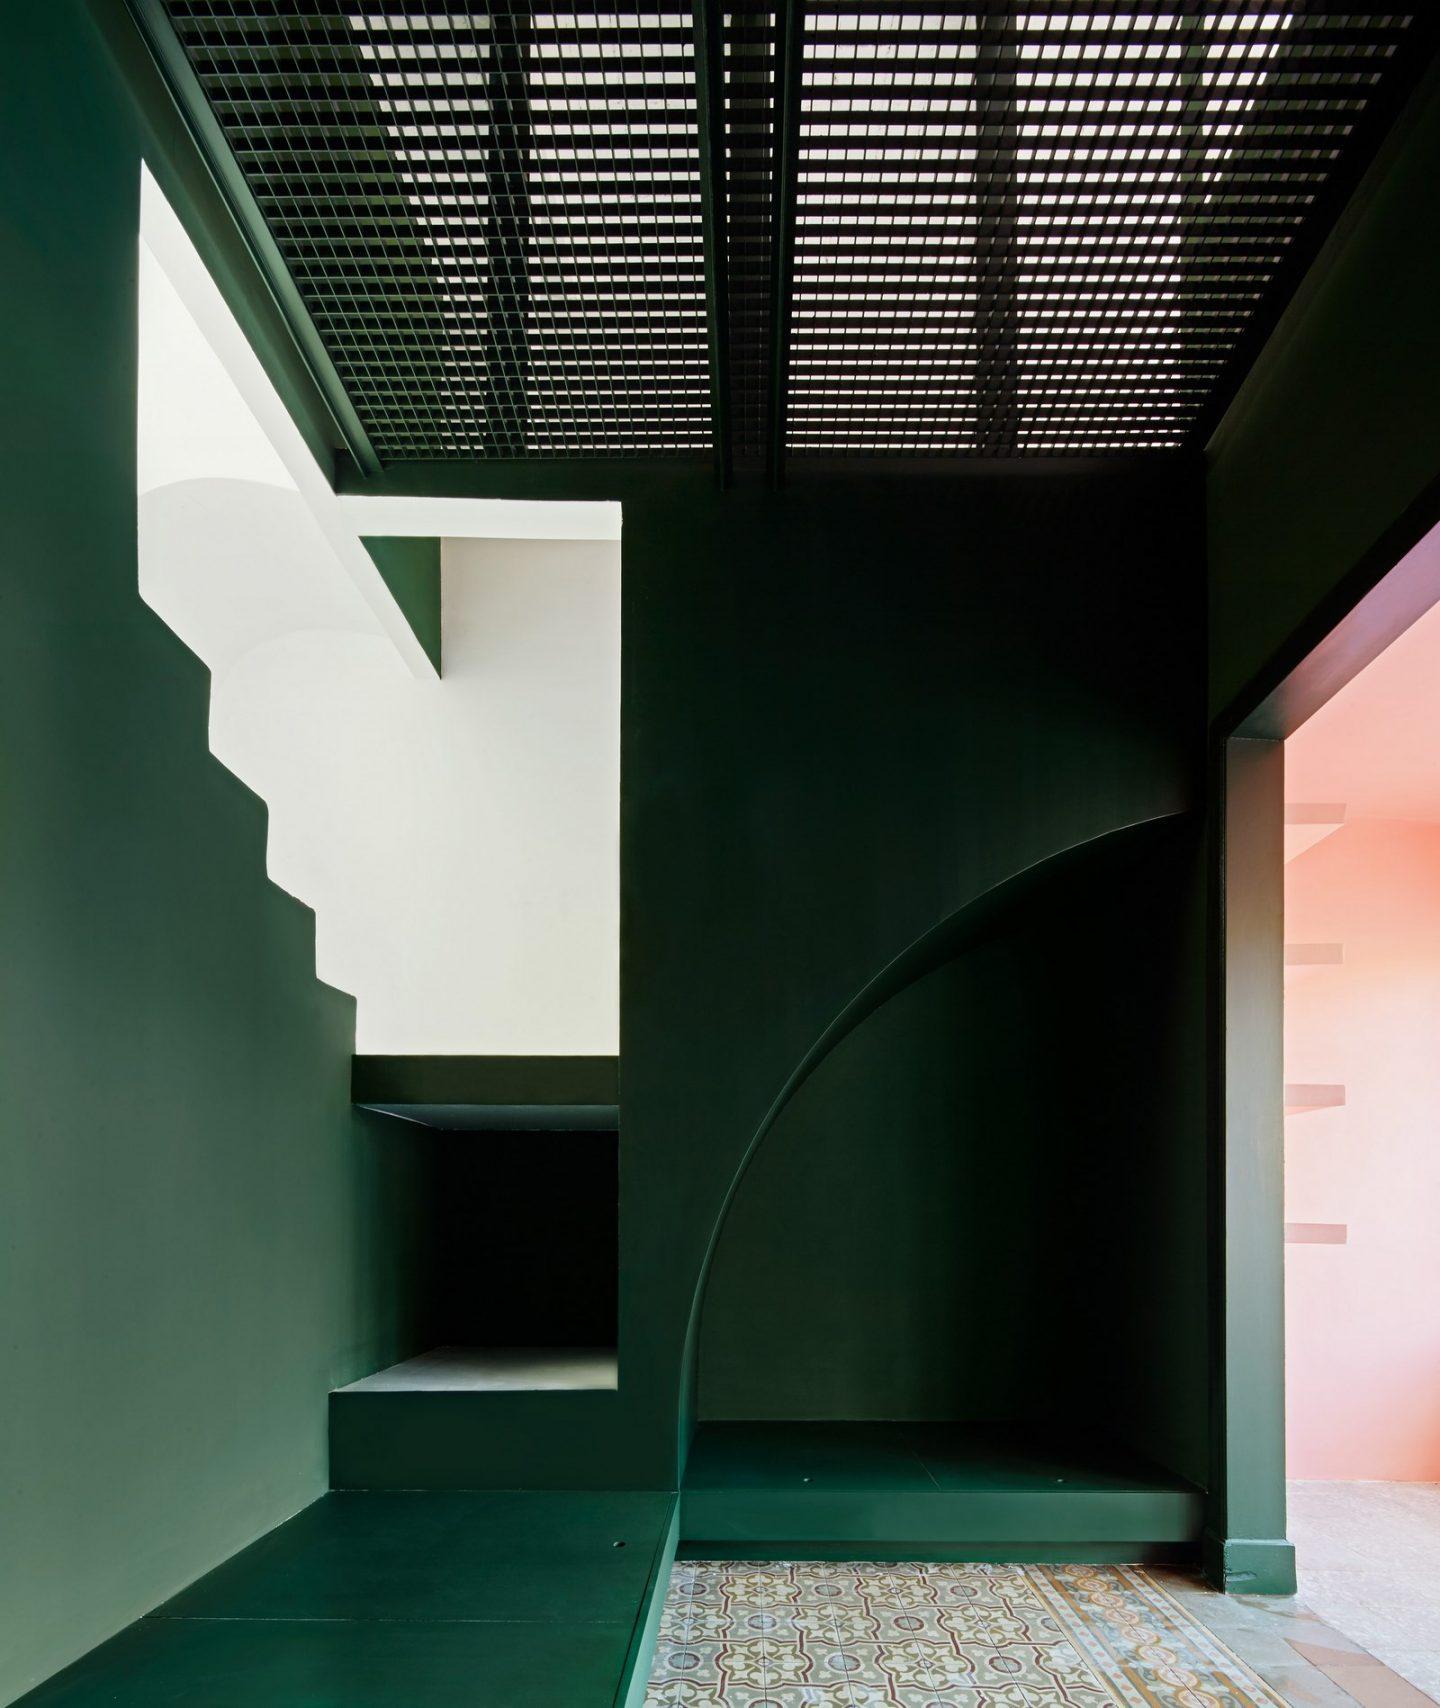 Guillermo_Santomà_Architecture (7)